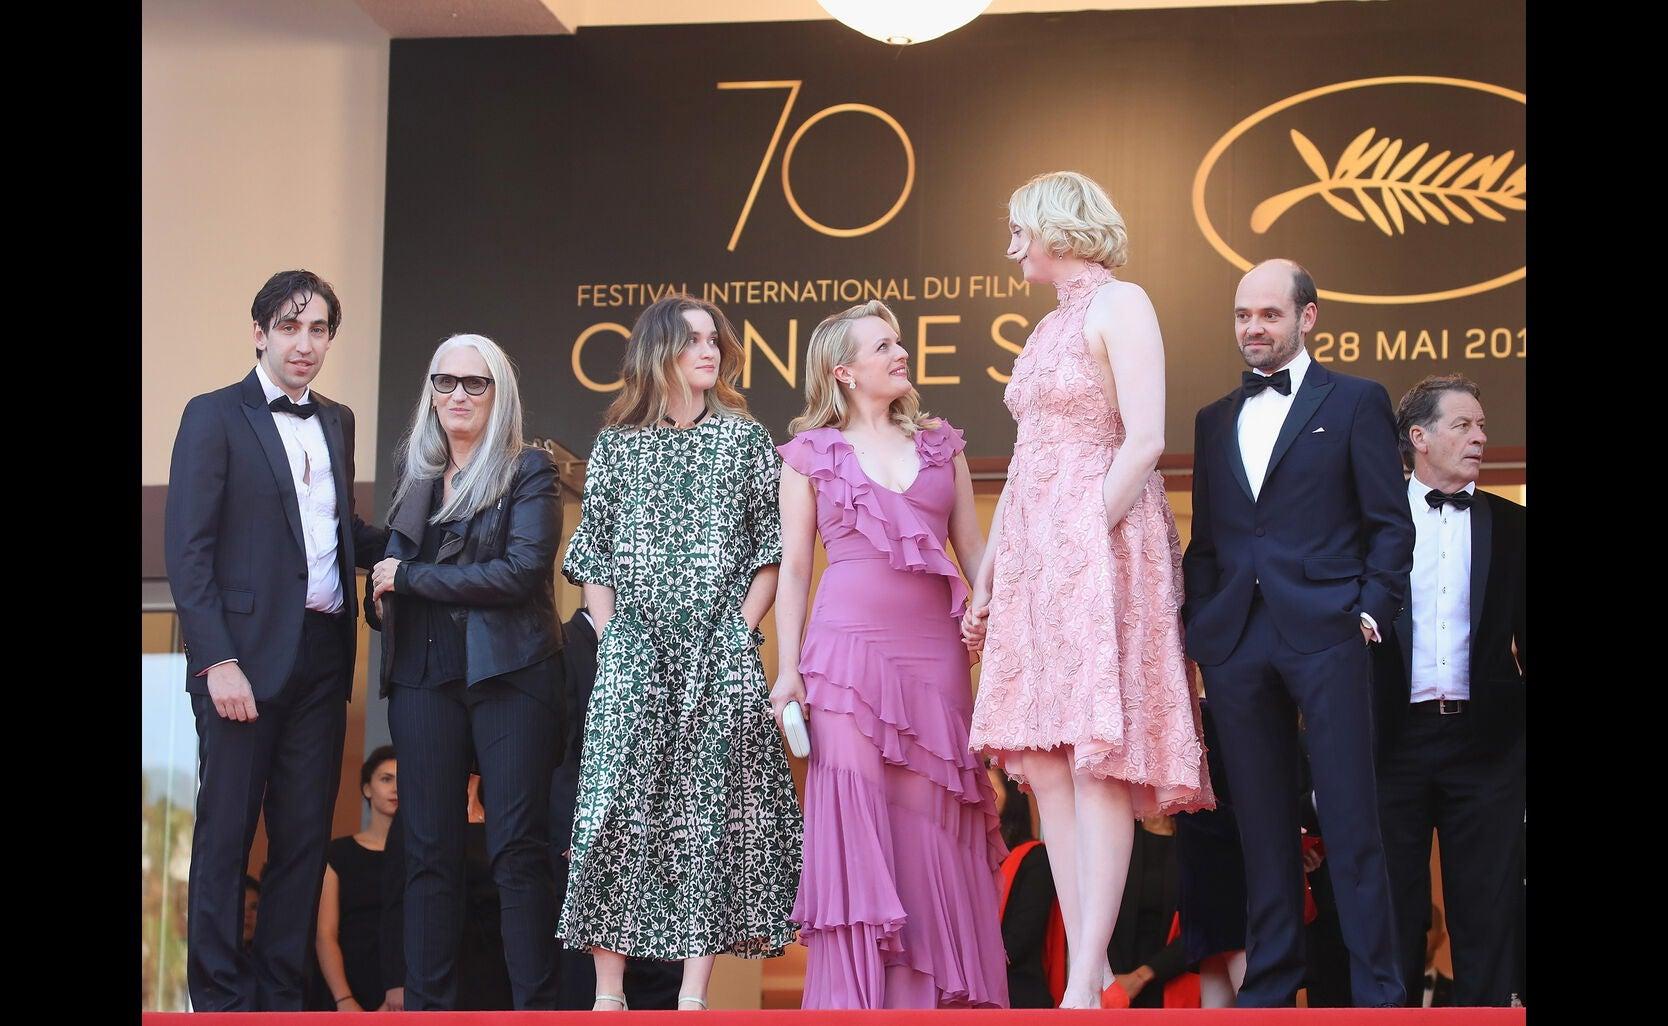 Ariel Kleiman, Jane Campion, Alice Engler, Elisabeth Moss, Gwendoline Christie and David Dencik